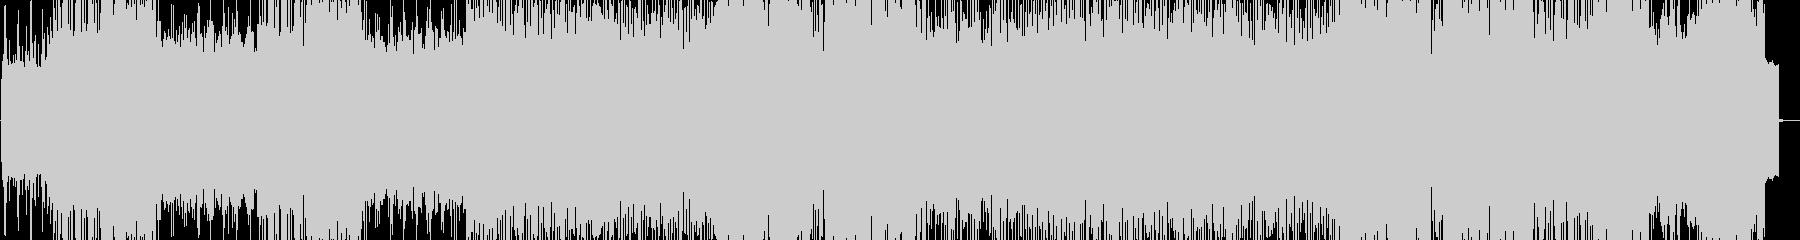 「ハード/ヘヴィ/ダーク/」BGM59の未再生の波形